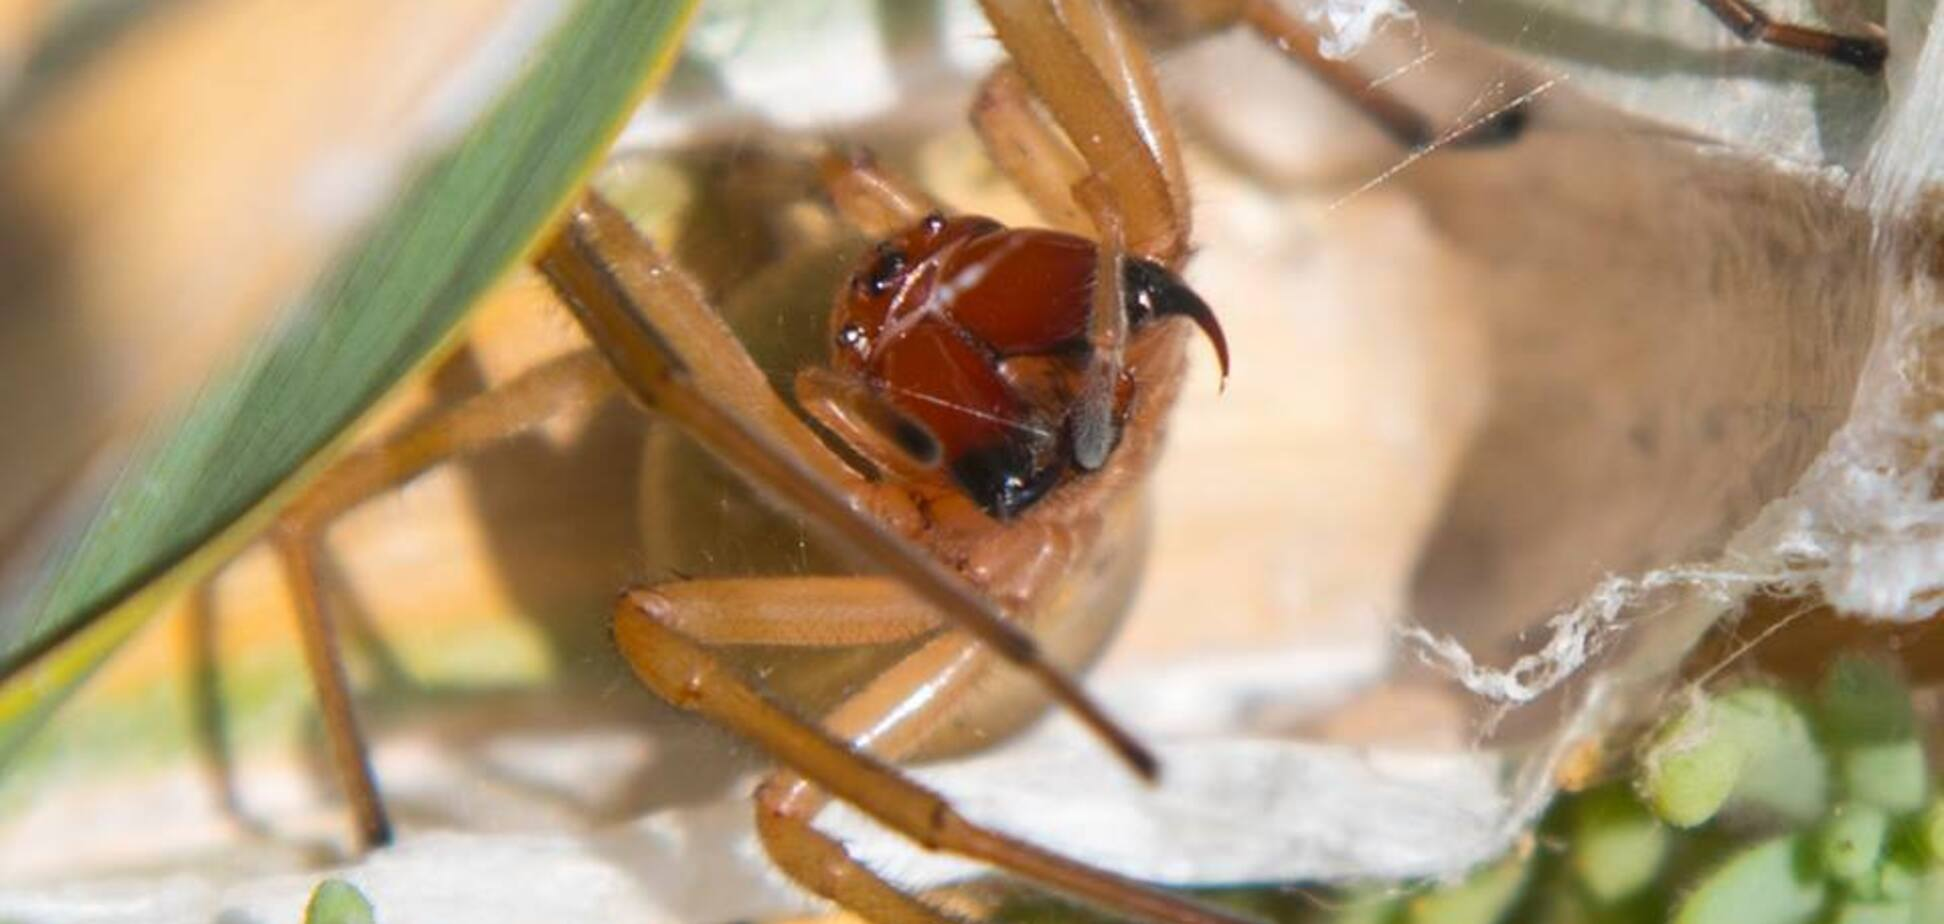 Німіють ноги і болить усе тіло: в Україні оселився небезпечний для людини павук